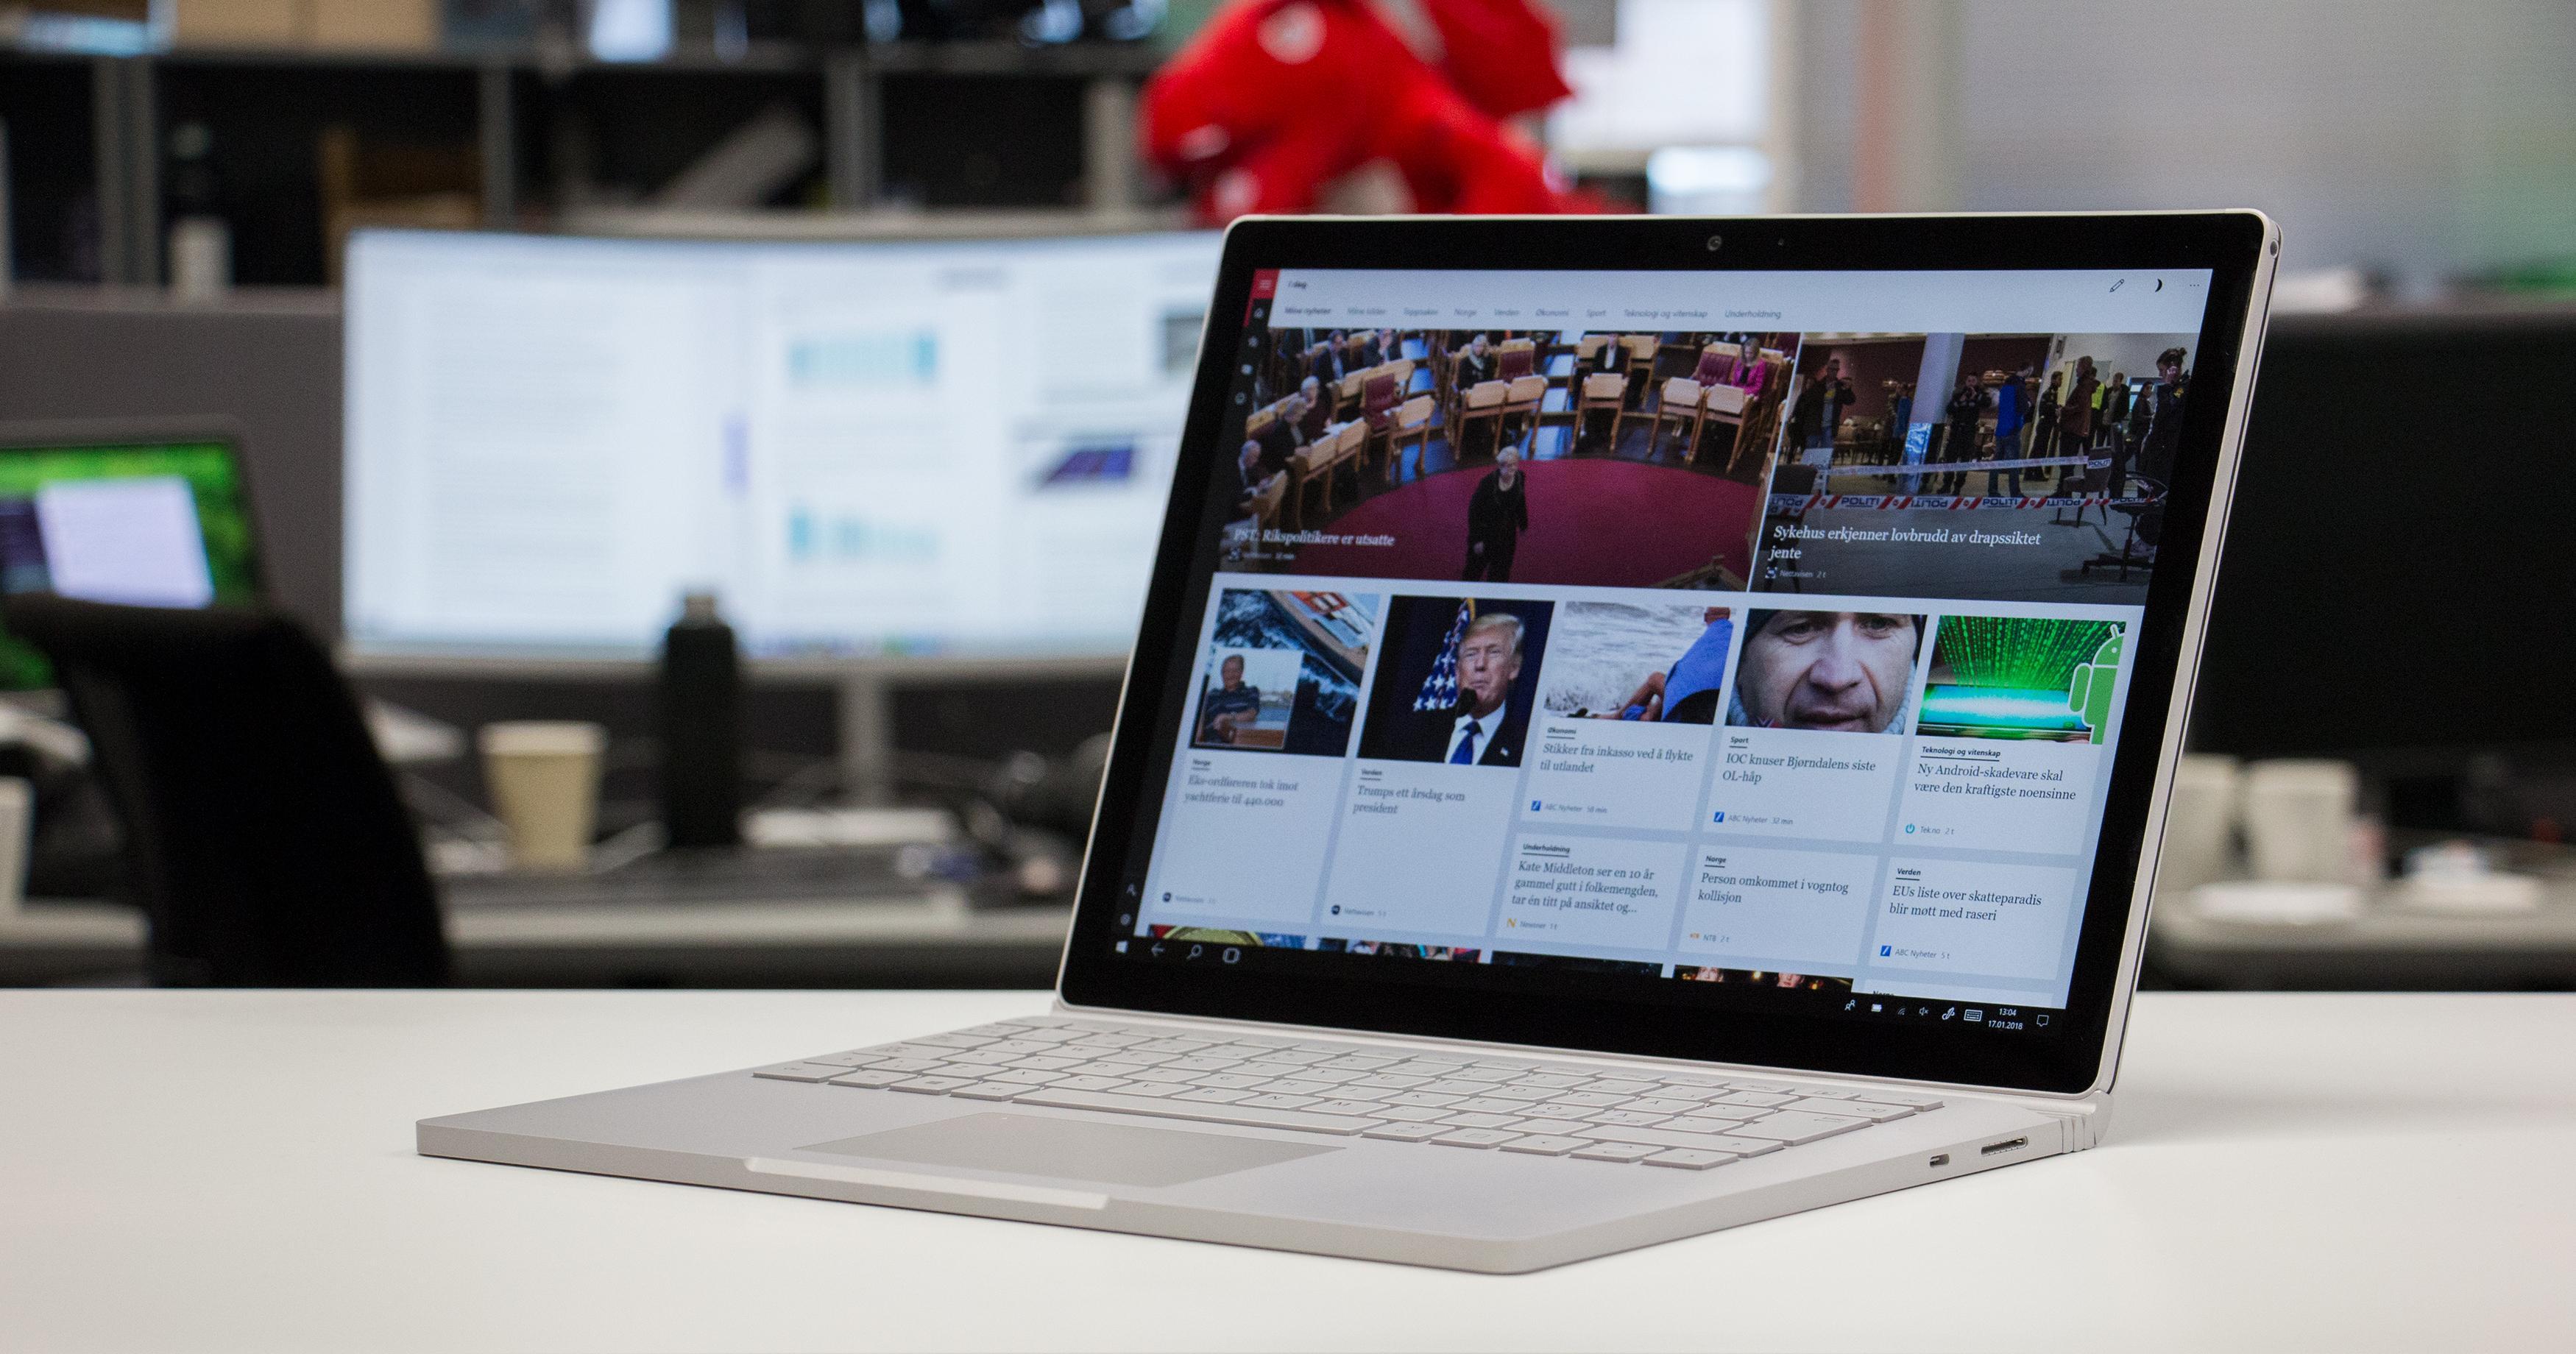 Surface Book 2 fungerer like godt som en tradisjonell bærbar som et nettbrett. Bilde: Anders Brattensborg Smedsrud, Tek.no